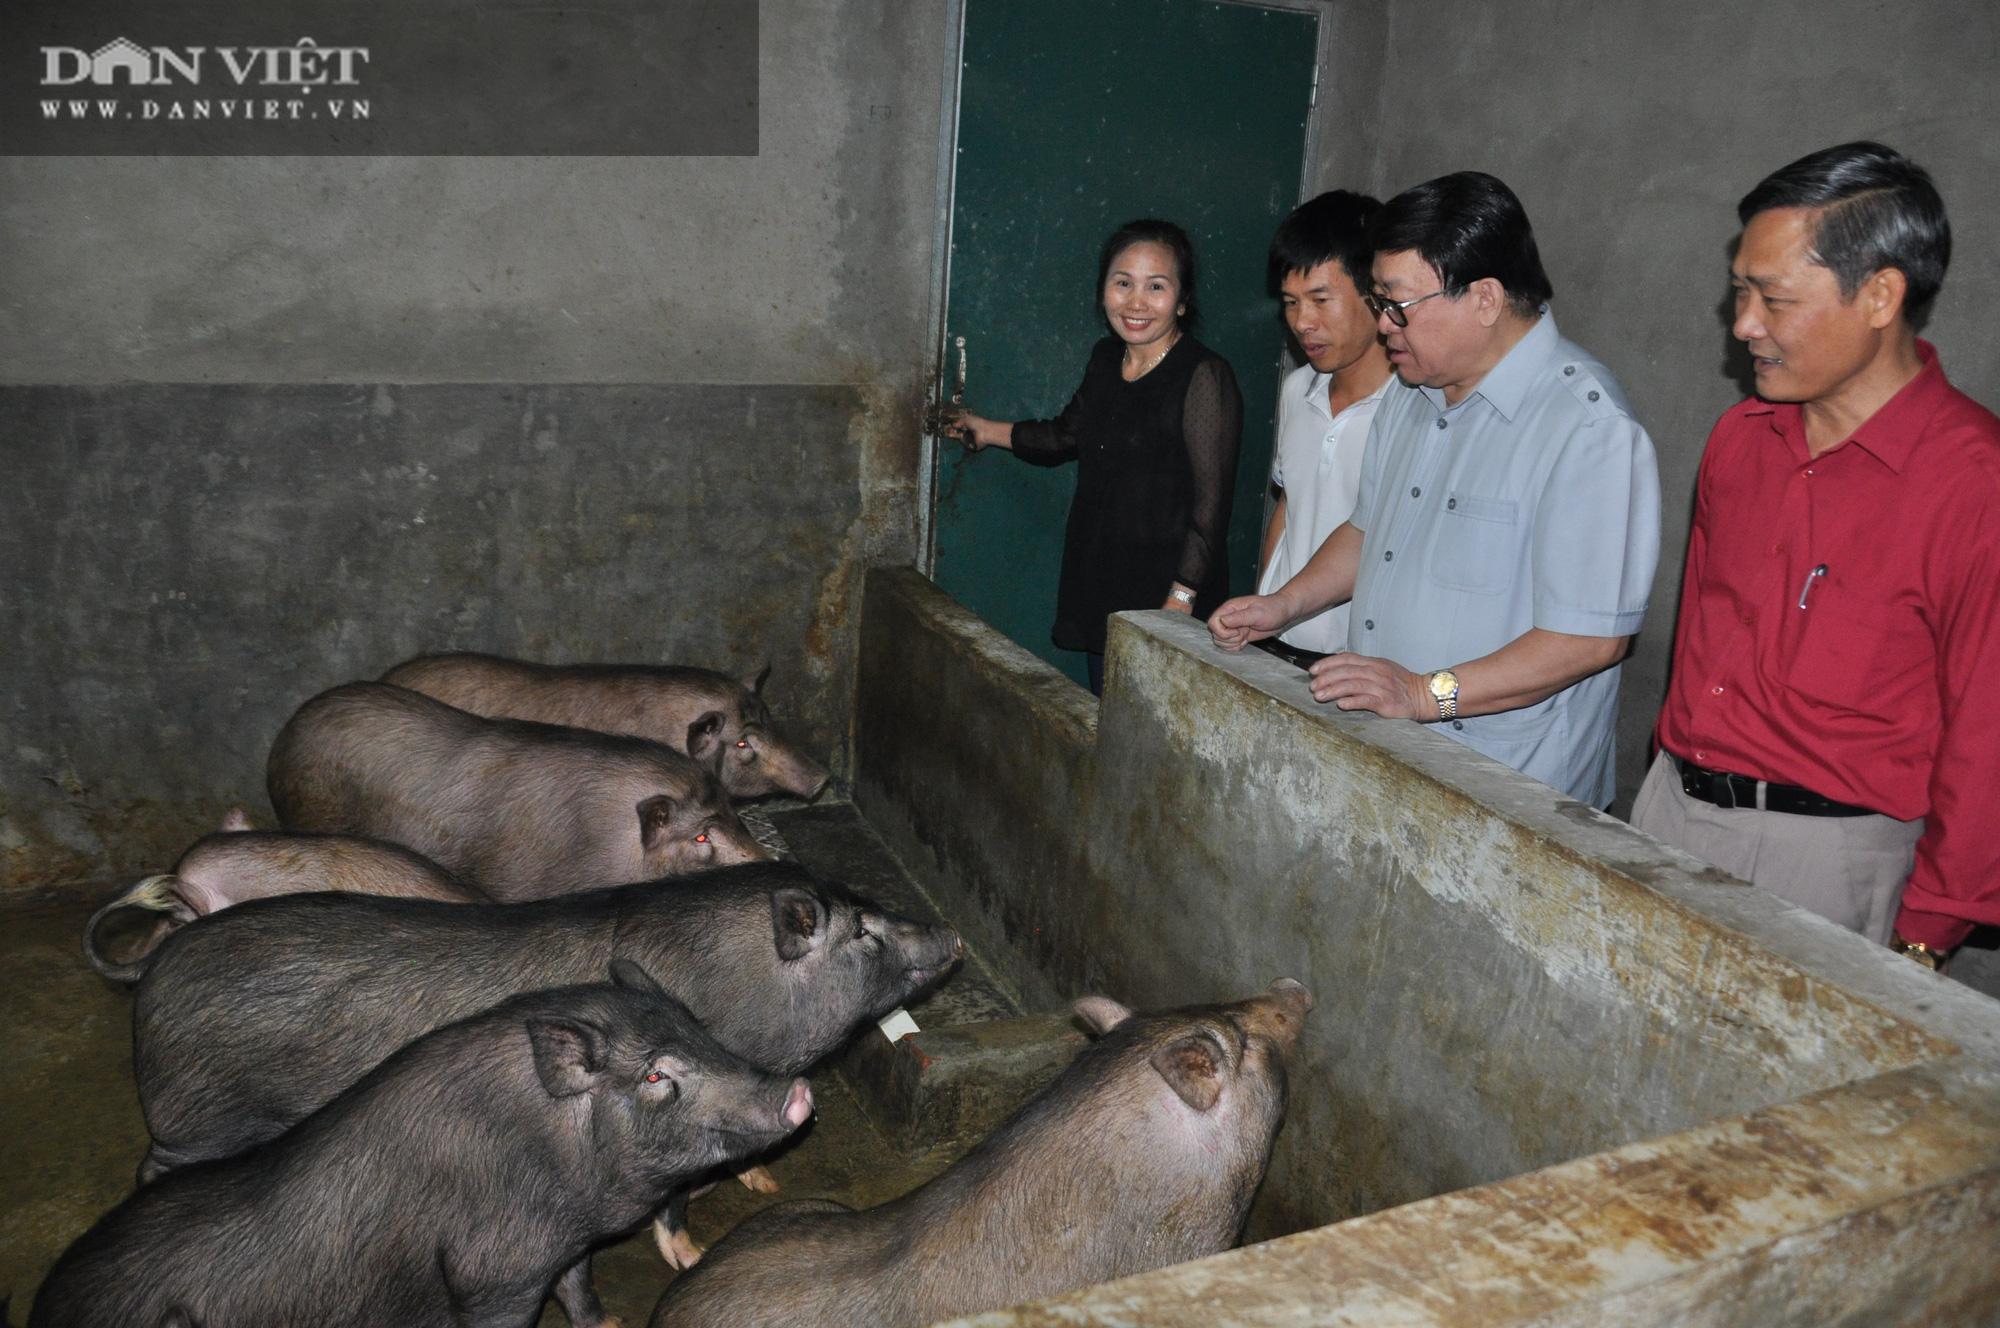 Đại trang trại cá quý tộc trên Cổng Trời mới được Chủ tịch Hội Nông dân Việt Nam đến thăm có gì đặc biệt? - Ảnh 7.